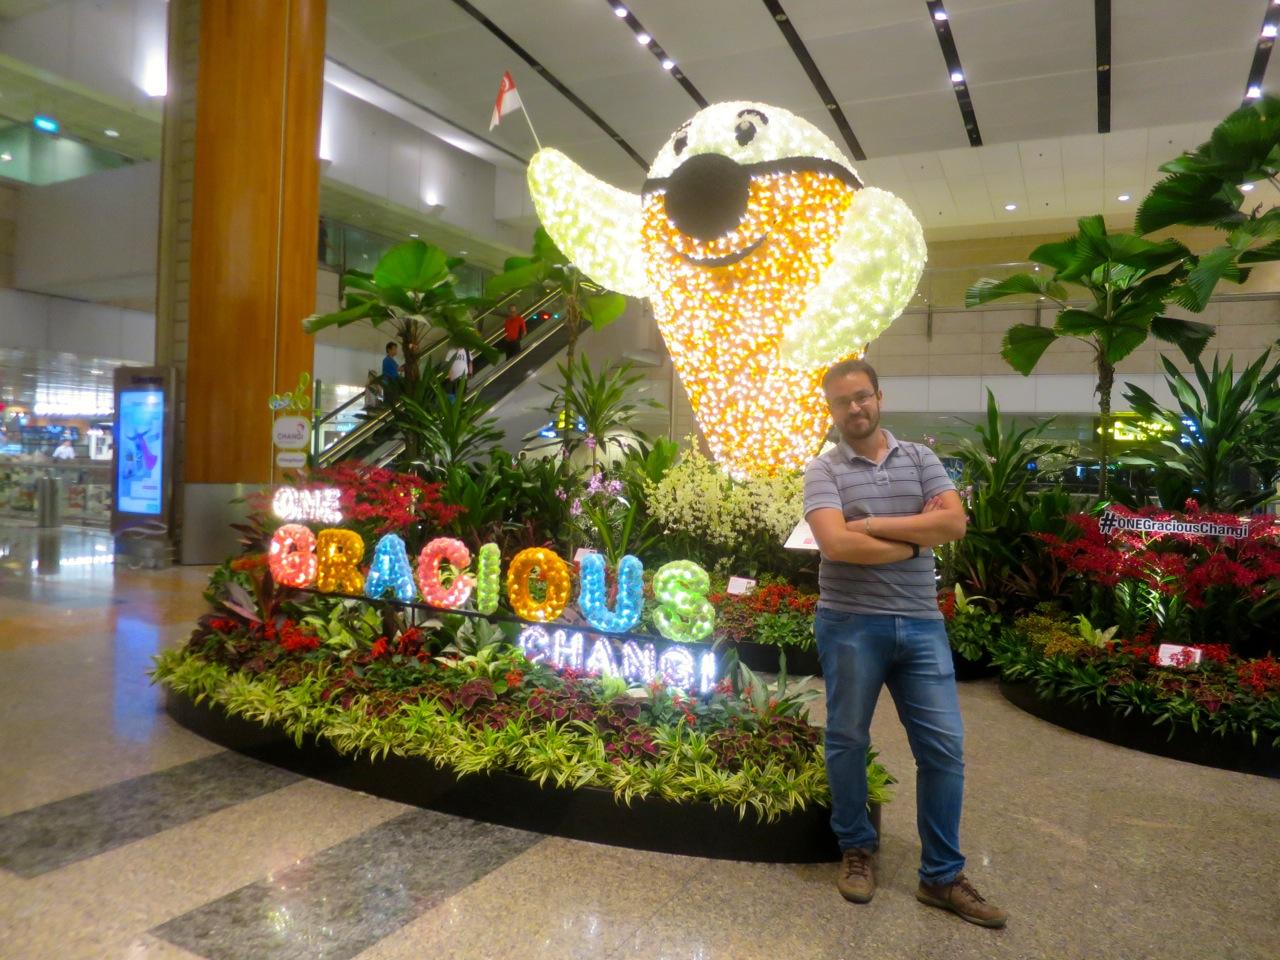 Changi 1 01